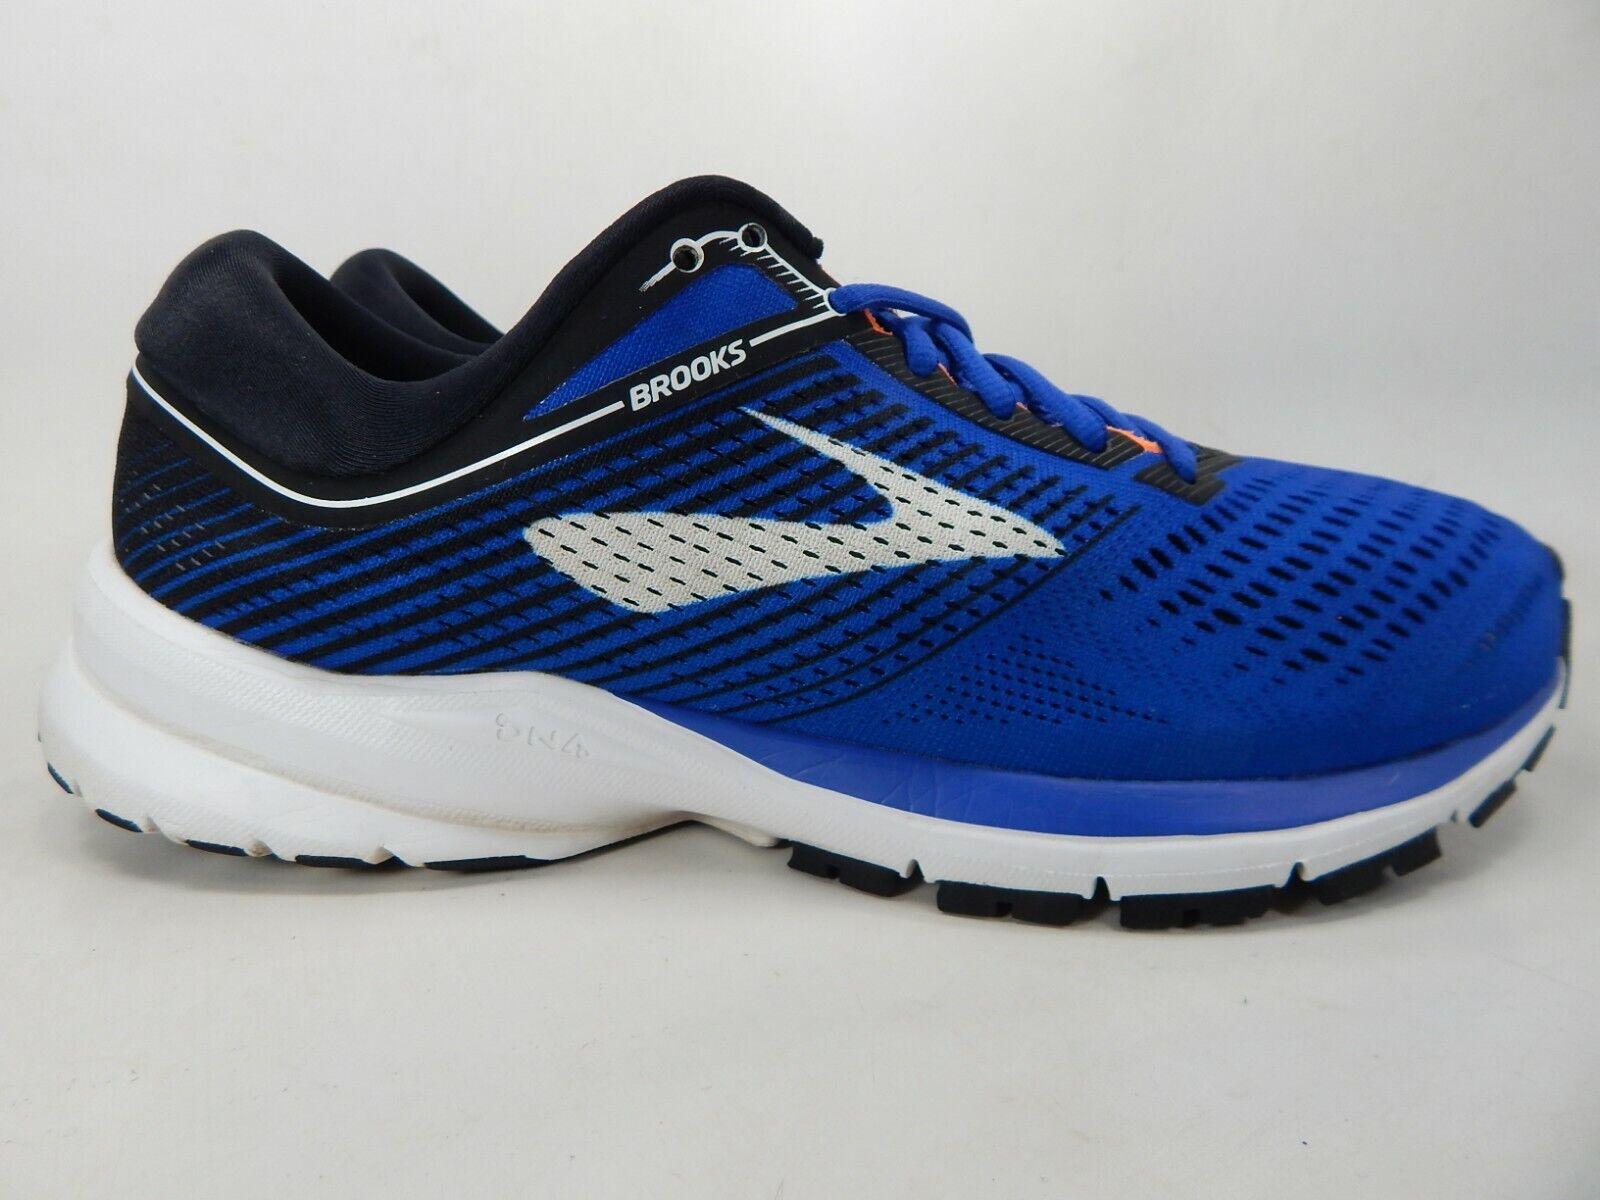 Brooks Launch 5 tamaño nos 11 m (D) EU 45 para hombres zapatos para correr azul 1102781D420